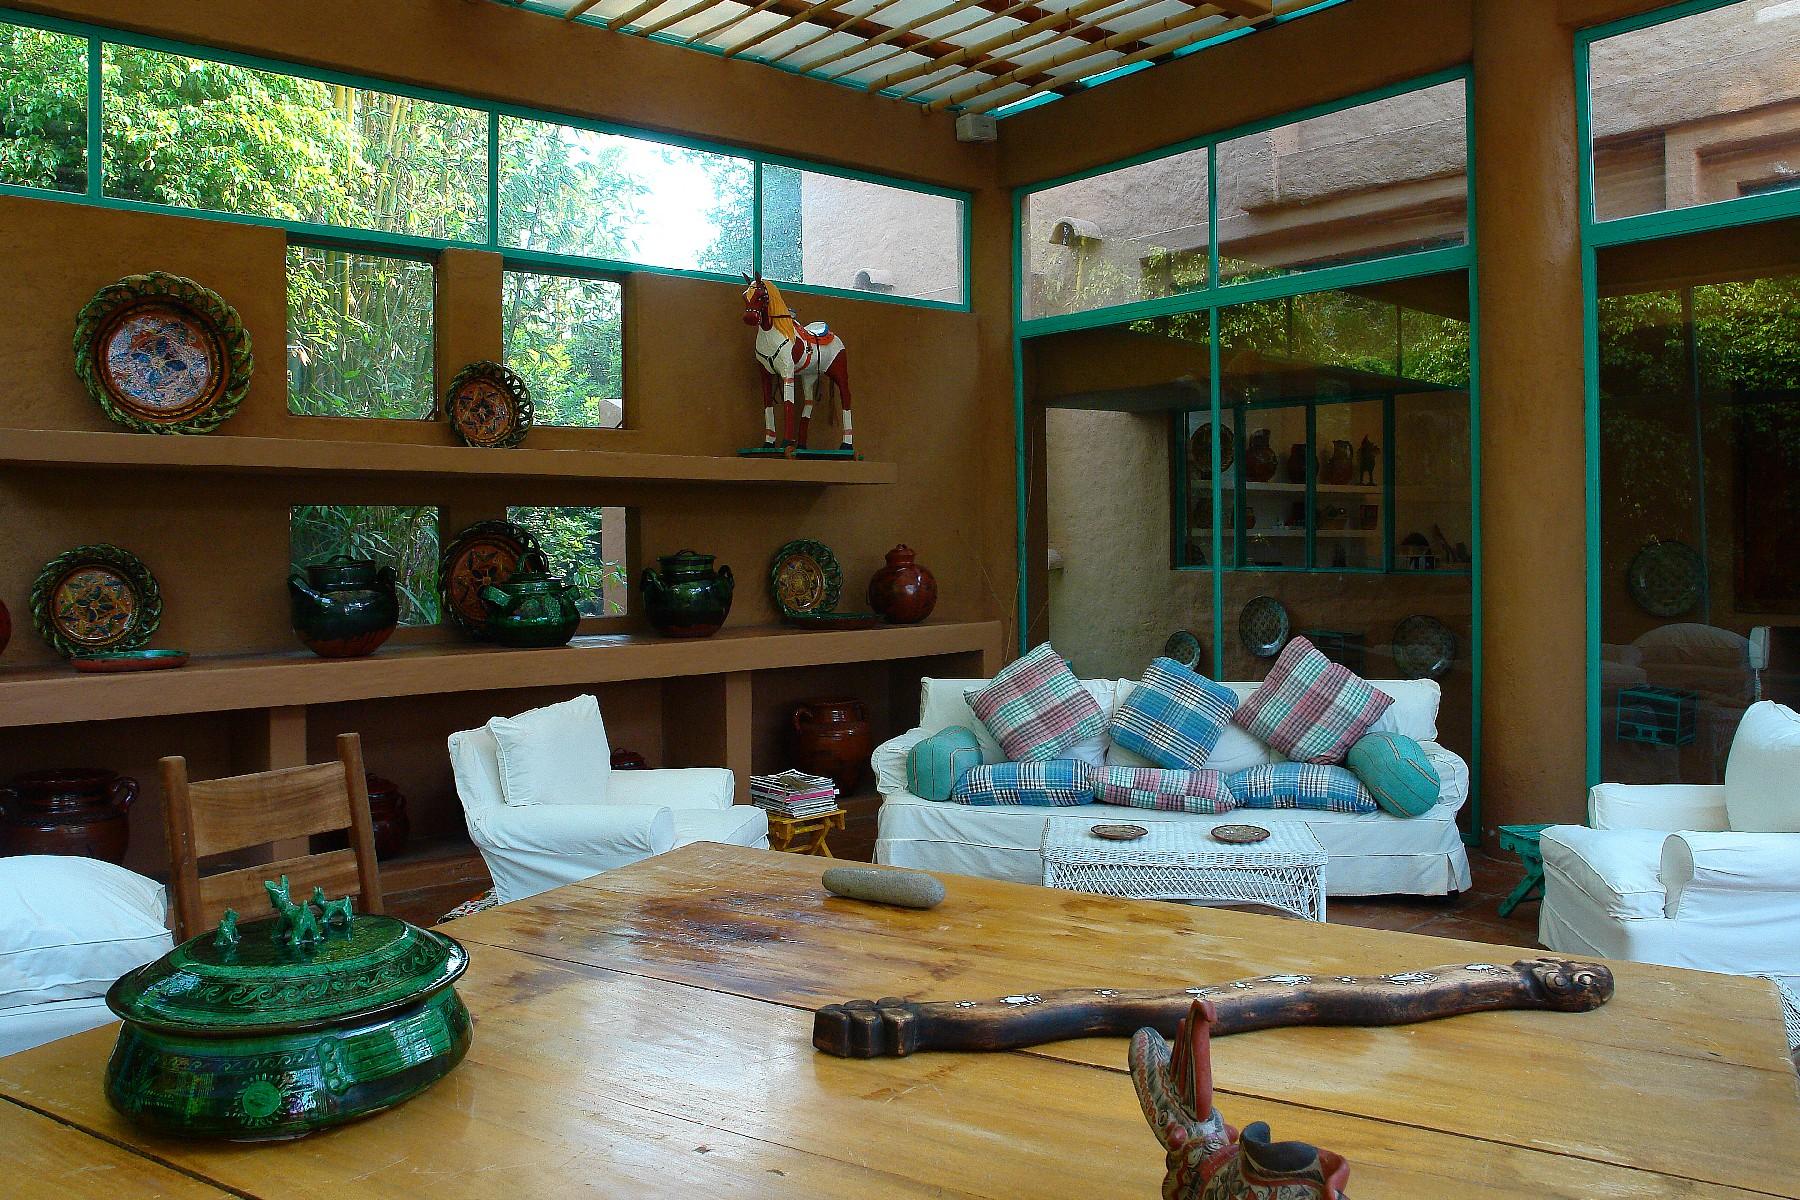 Additional photo for property listing at Hacienda Los Apantles, Malinalco, Estado de Mexico  Federal District, Mexico Df 11580 Mexico